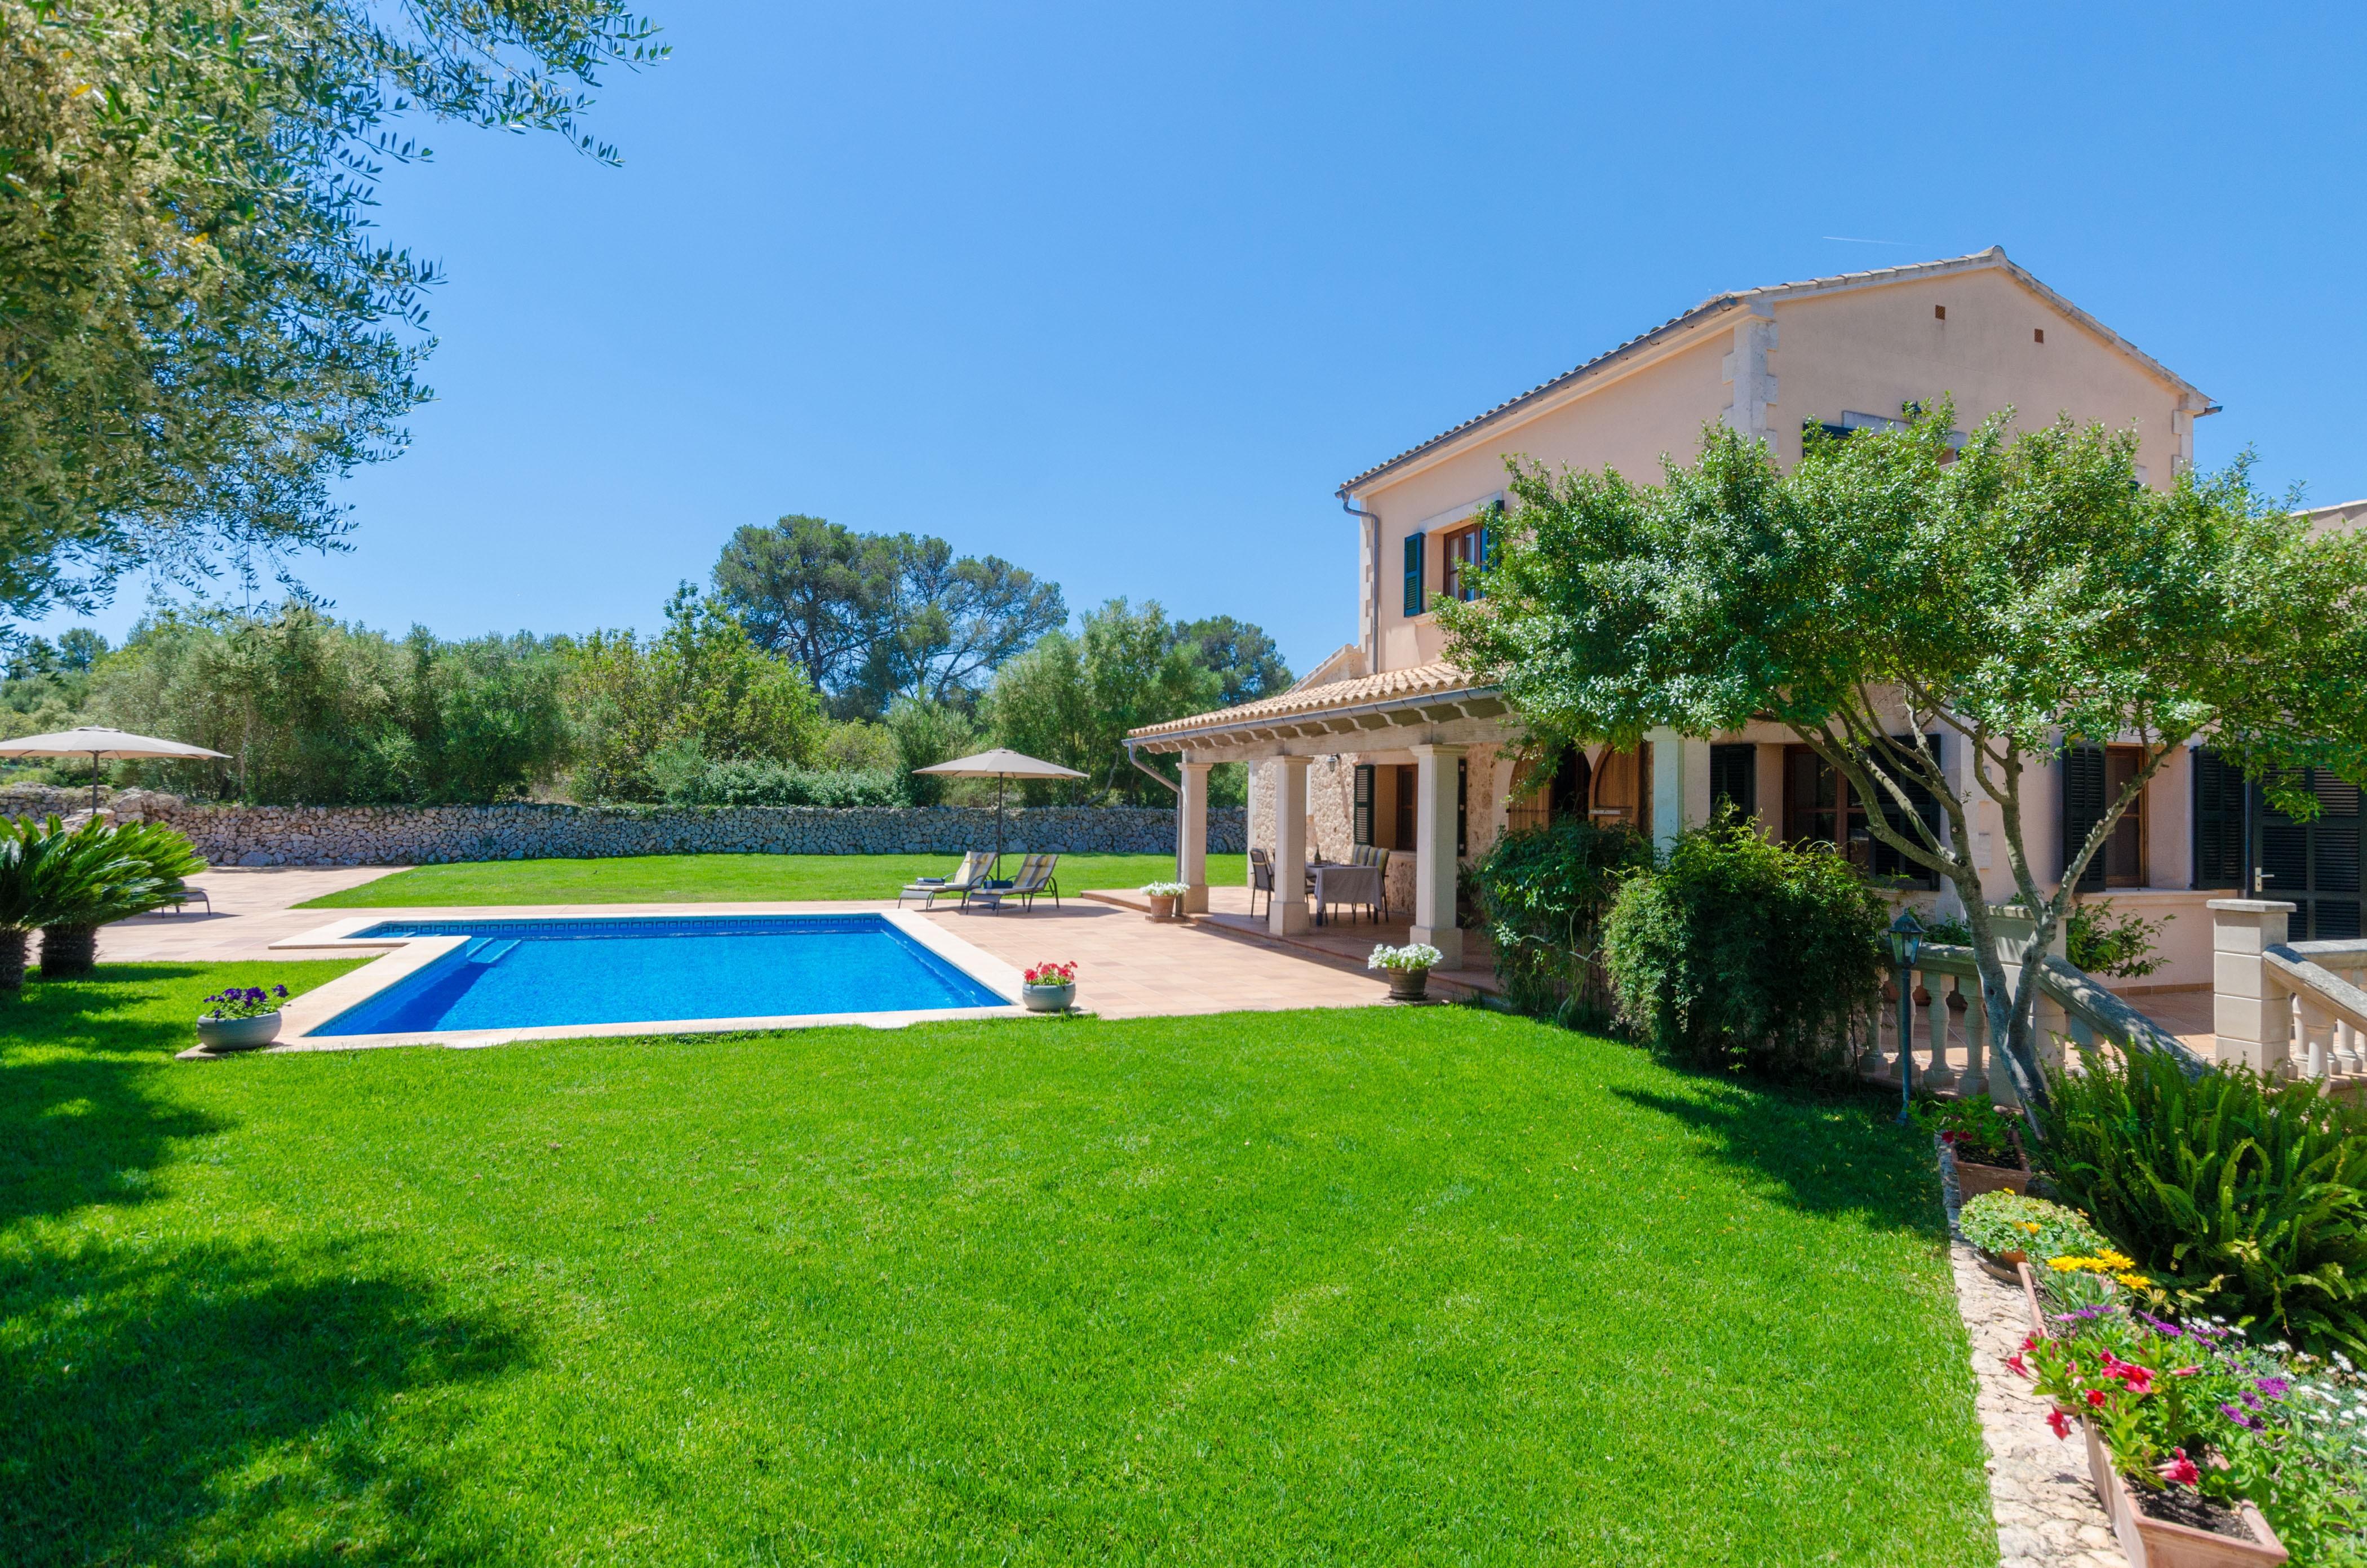 Maison de vacances ES VEDAT (2632993), Lloret de Vistalegre, Majorque, Iles Baléares, Espagne, image 8